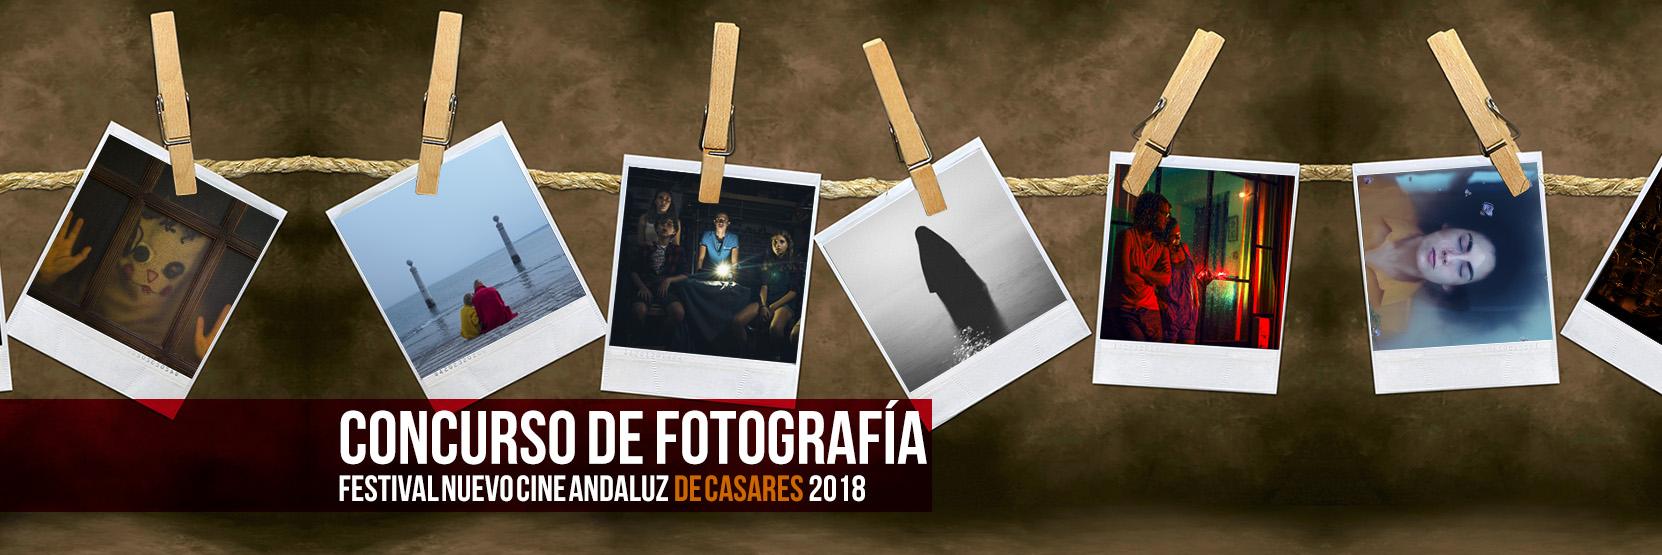 III Concurso de Fotografía Festival Nuevo Cine Andaluz